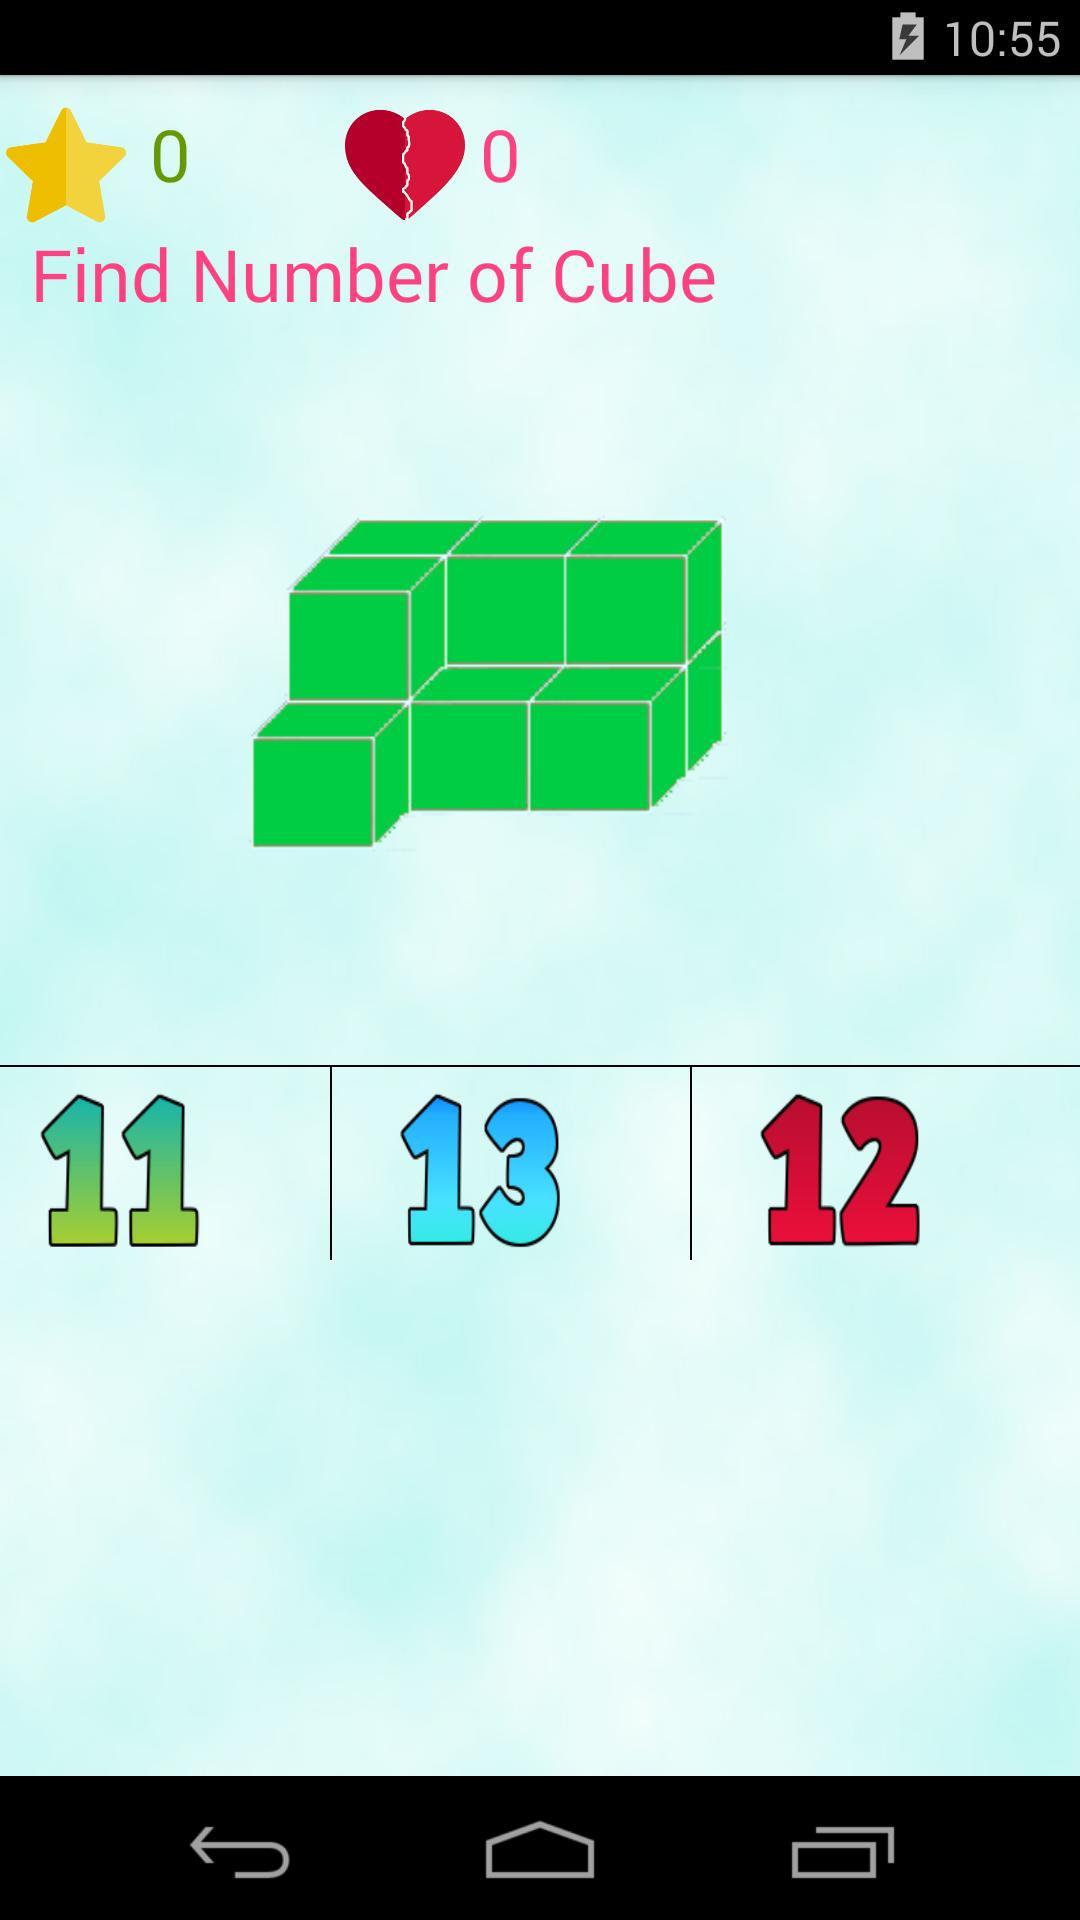 6-12 Ans De Jeu D'intelligence Éducative Mentale Pour à Jeux De Intelligence De Fille